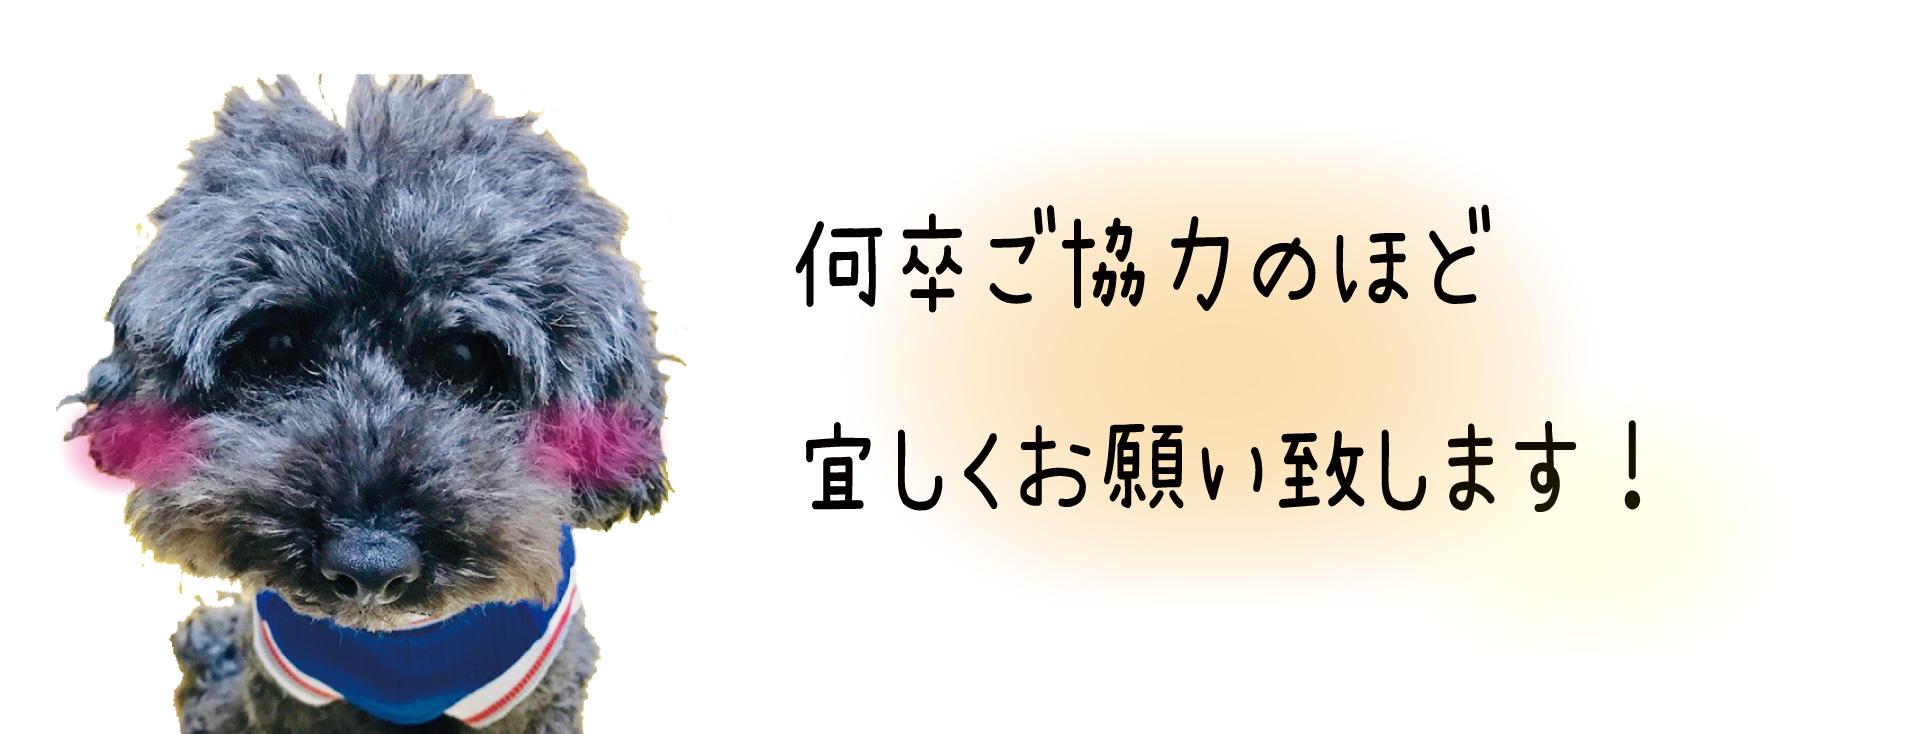 恋jpg_アートボード 1